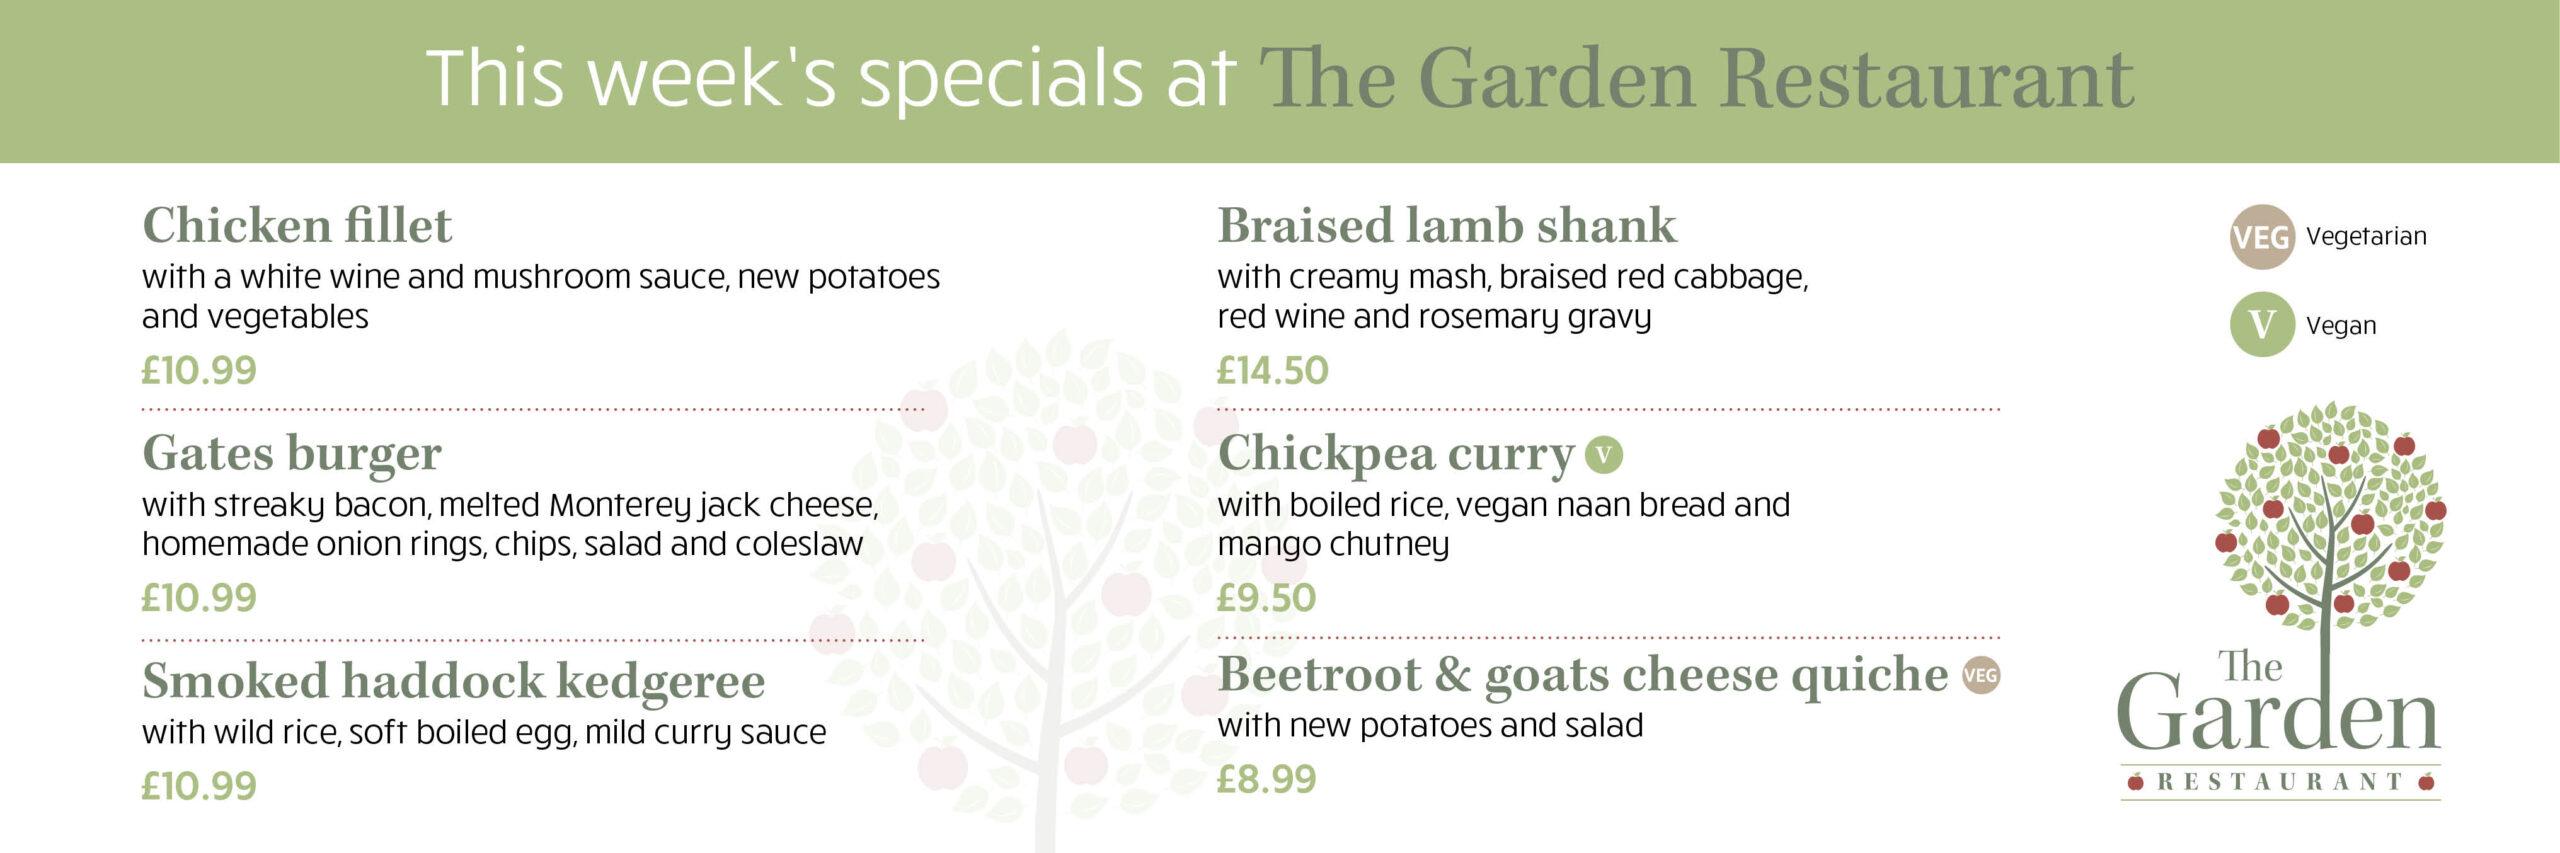 The Garden Restaurant Specials